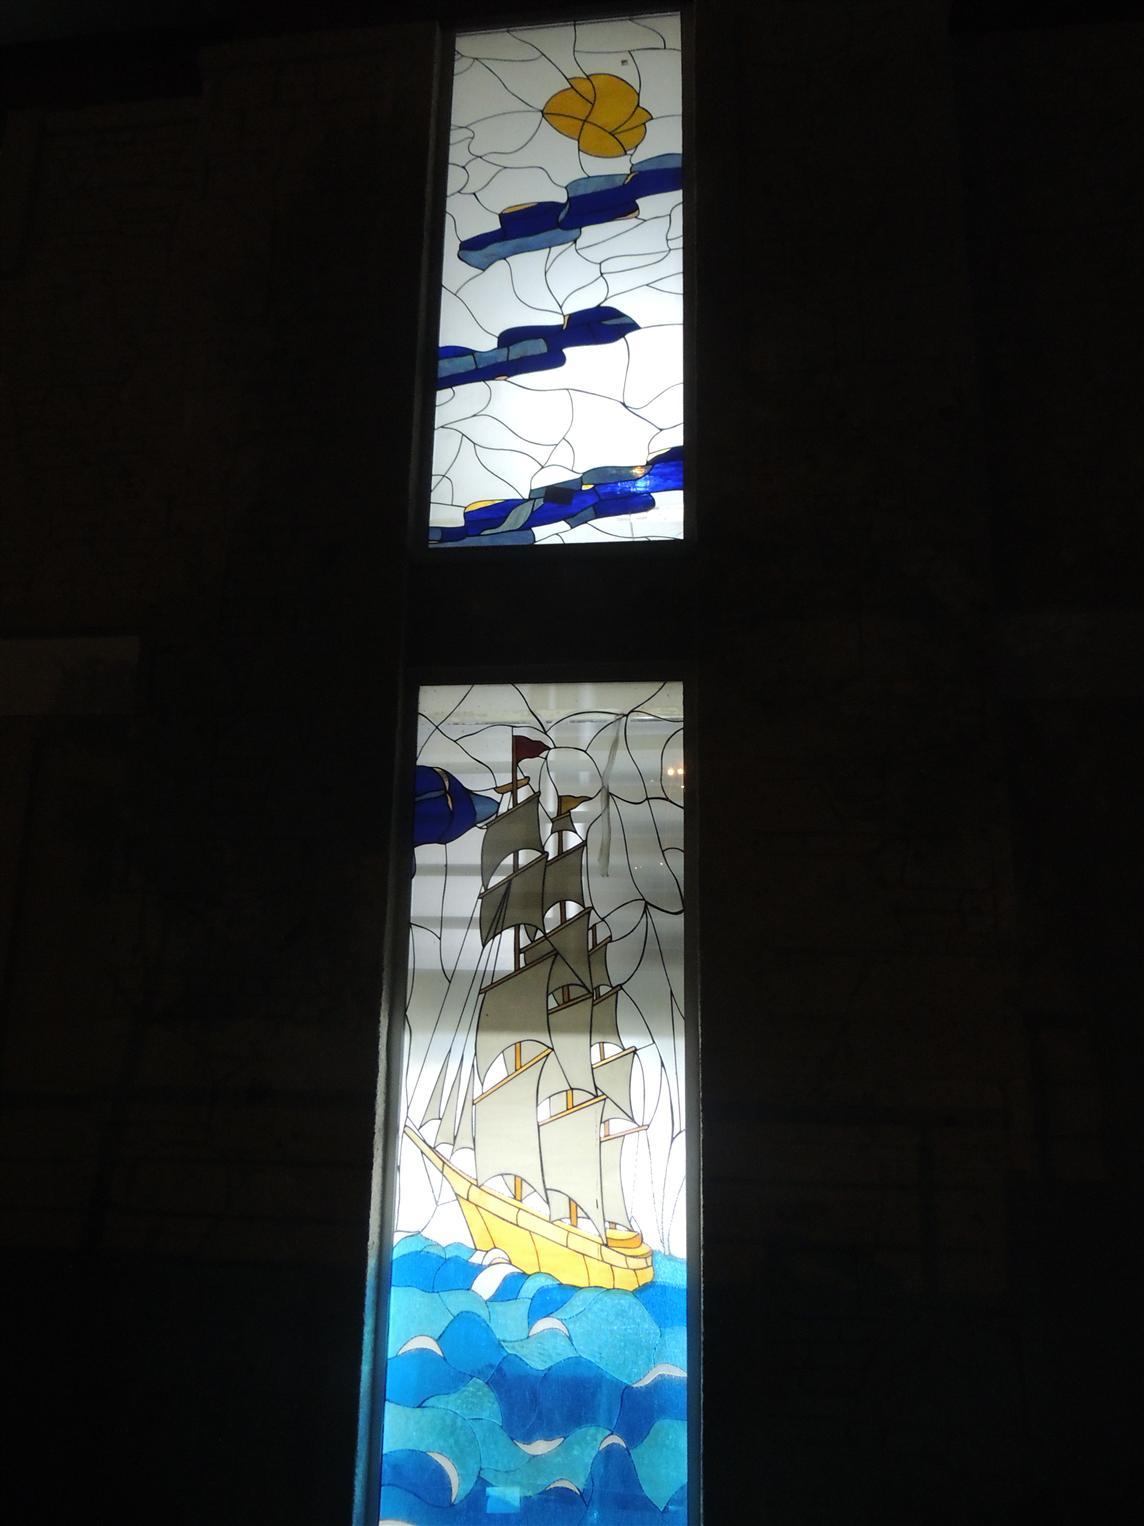 izka-insaat-life-port-evleri2015921164951384.jpg izmir vitray çalışması